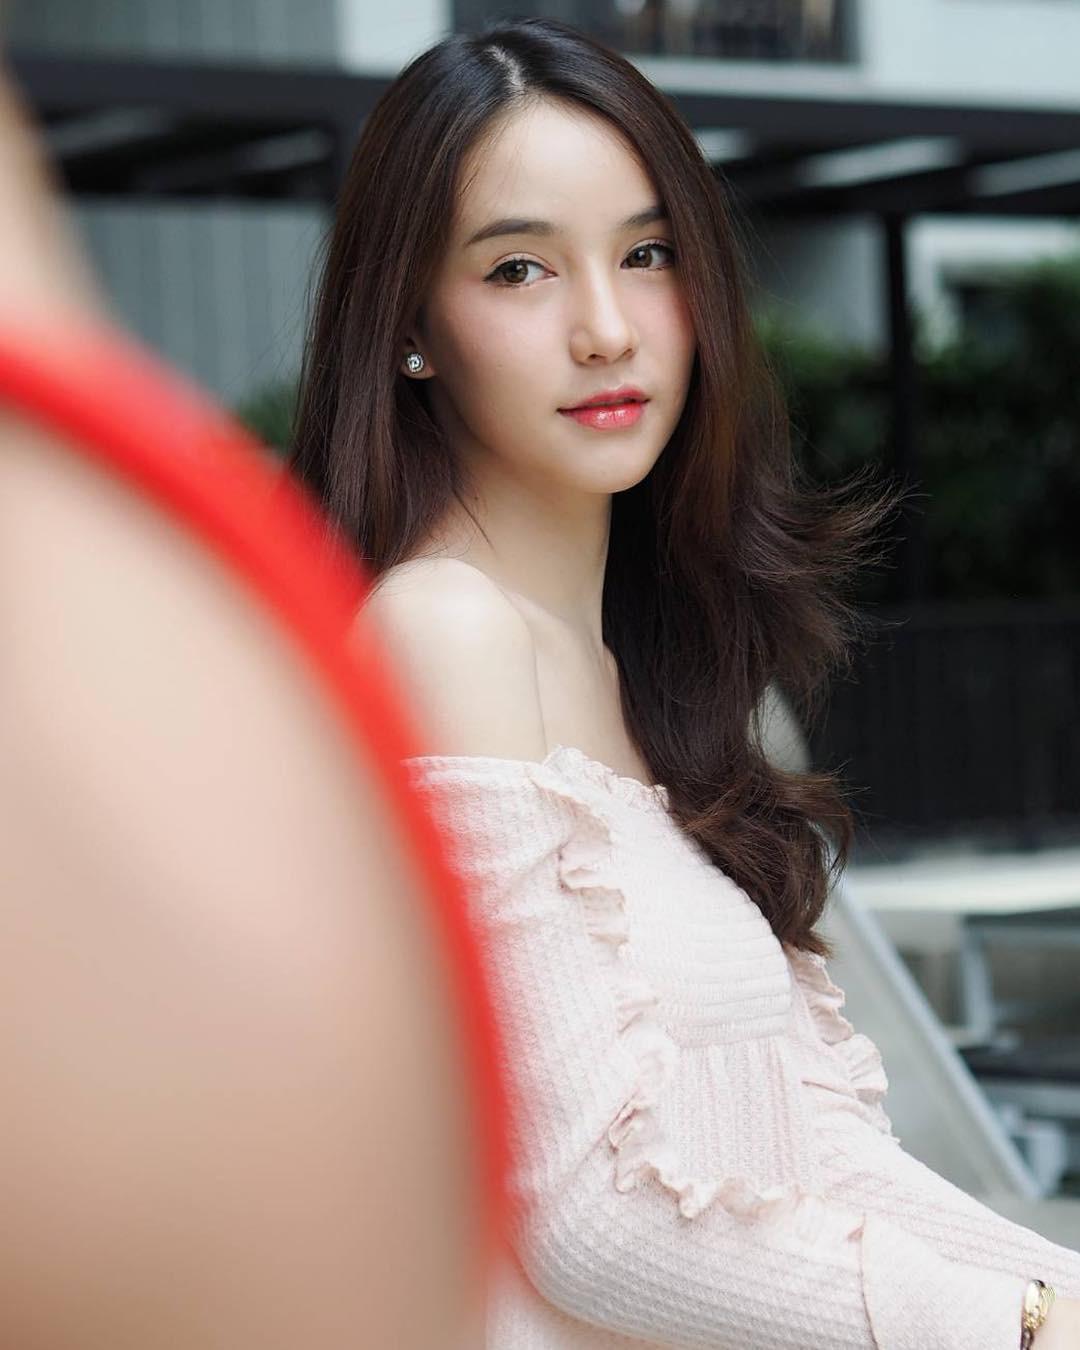 Soi mặt mộc của dàn mỹ nhân chuyển giới hot nhất Thái Lan: Nong Poy quá đỉnh, Yoshi đẹp tựa thiên thần đời thực - Ảnh 10